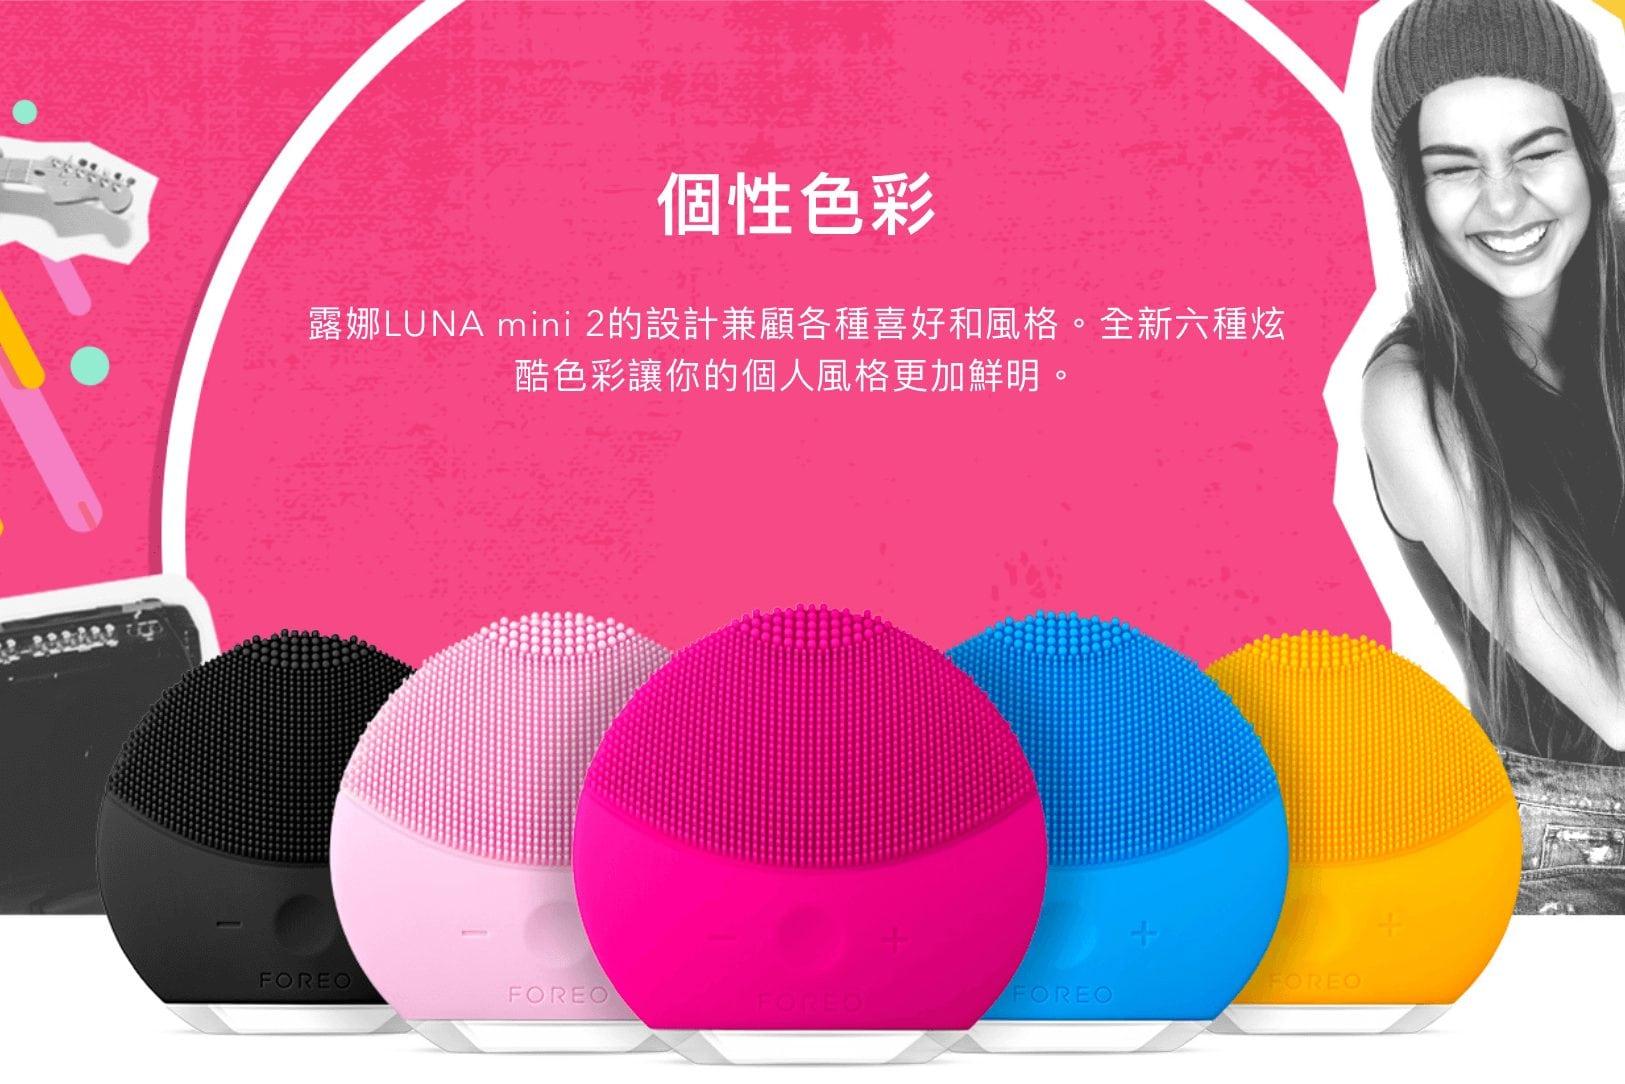 露娜LUNA mini 2 迷你淨透潔面儀洗臉機